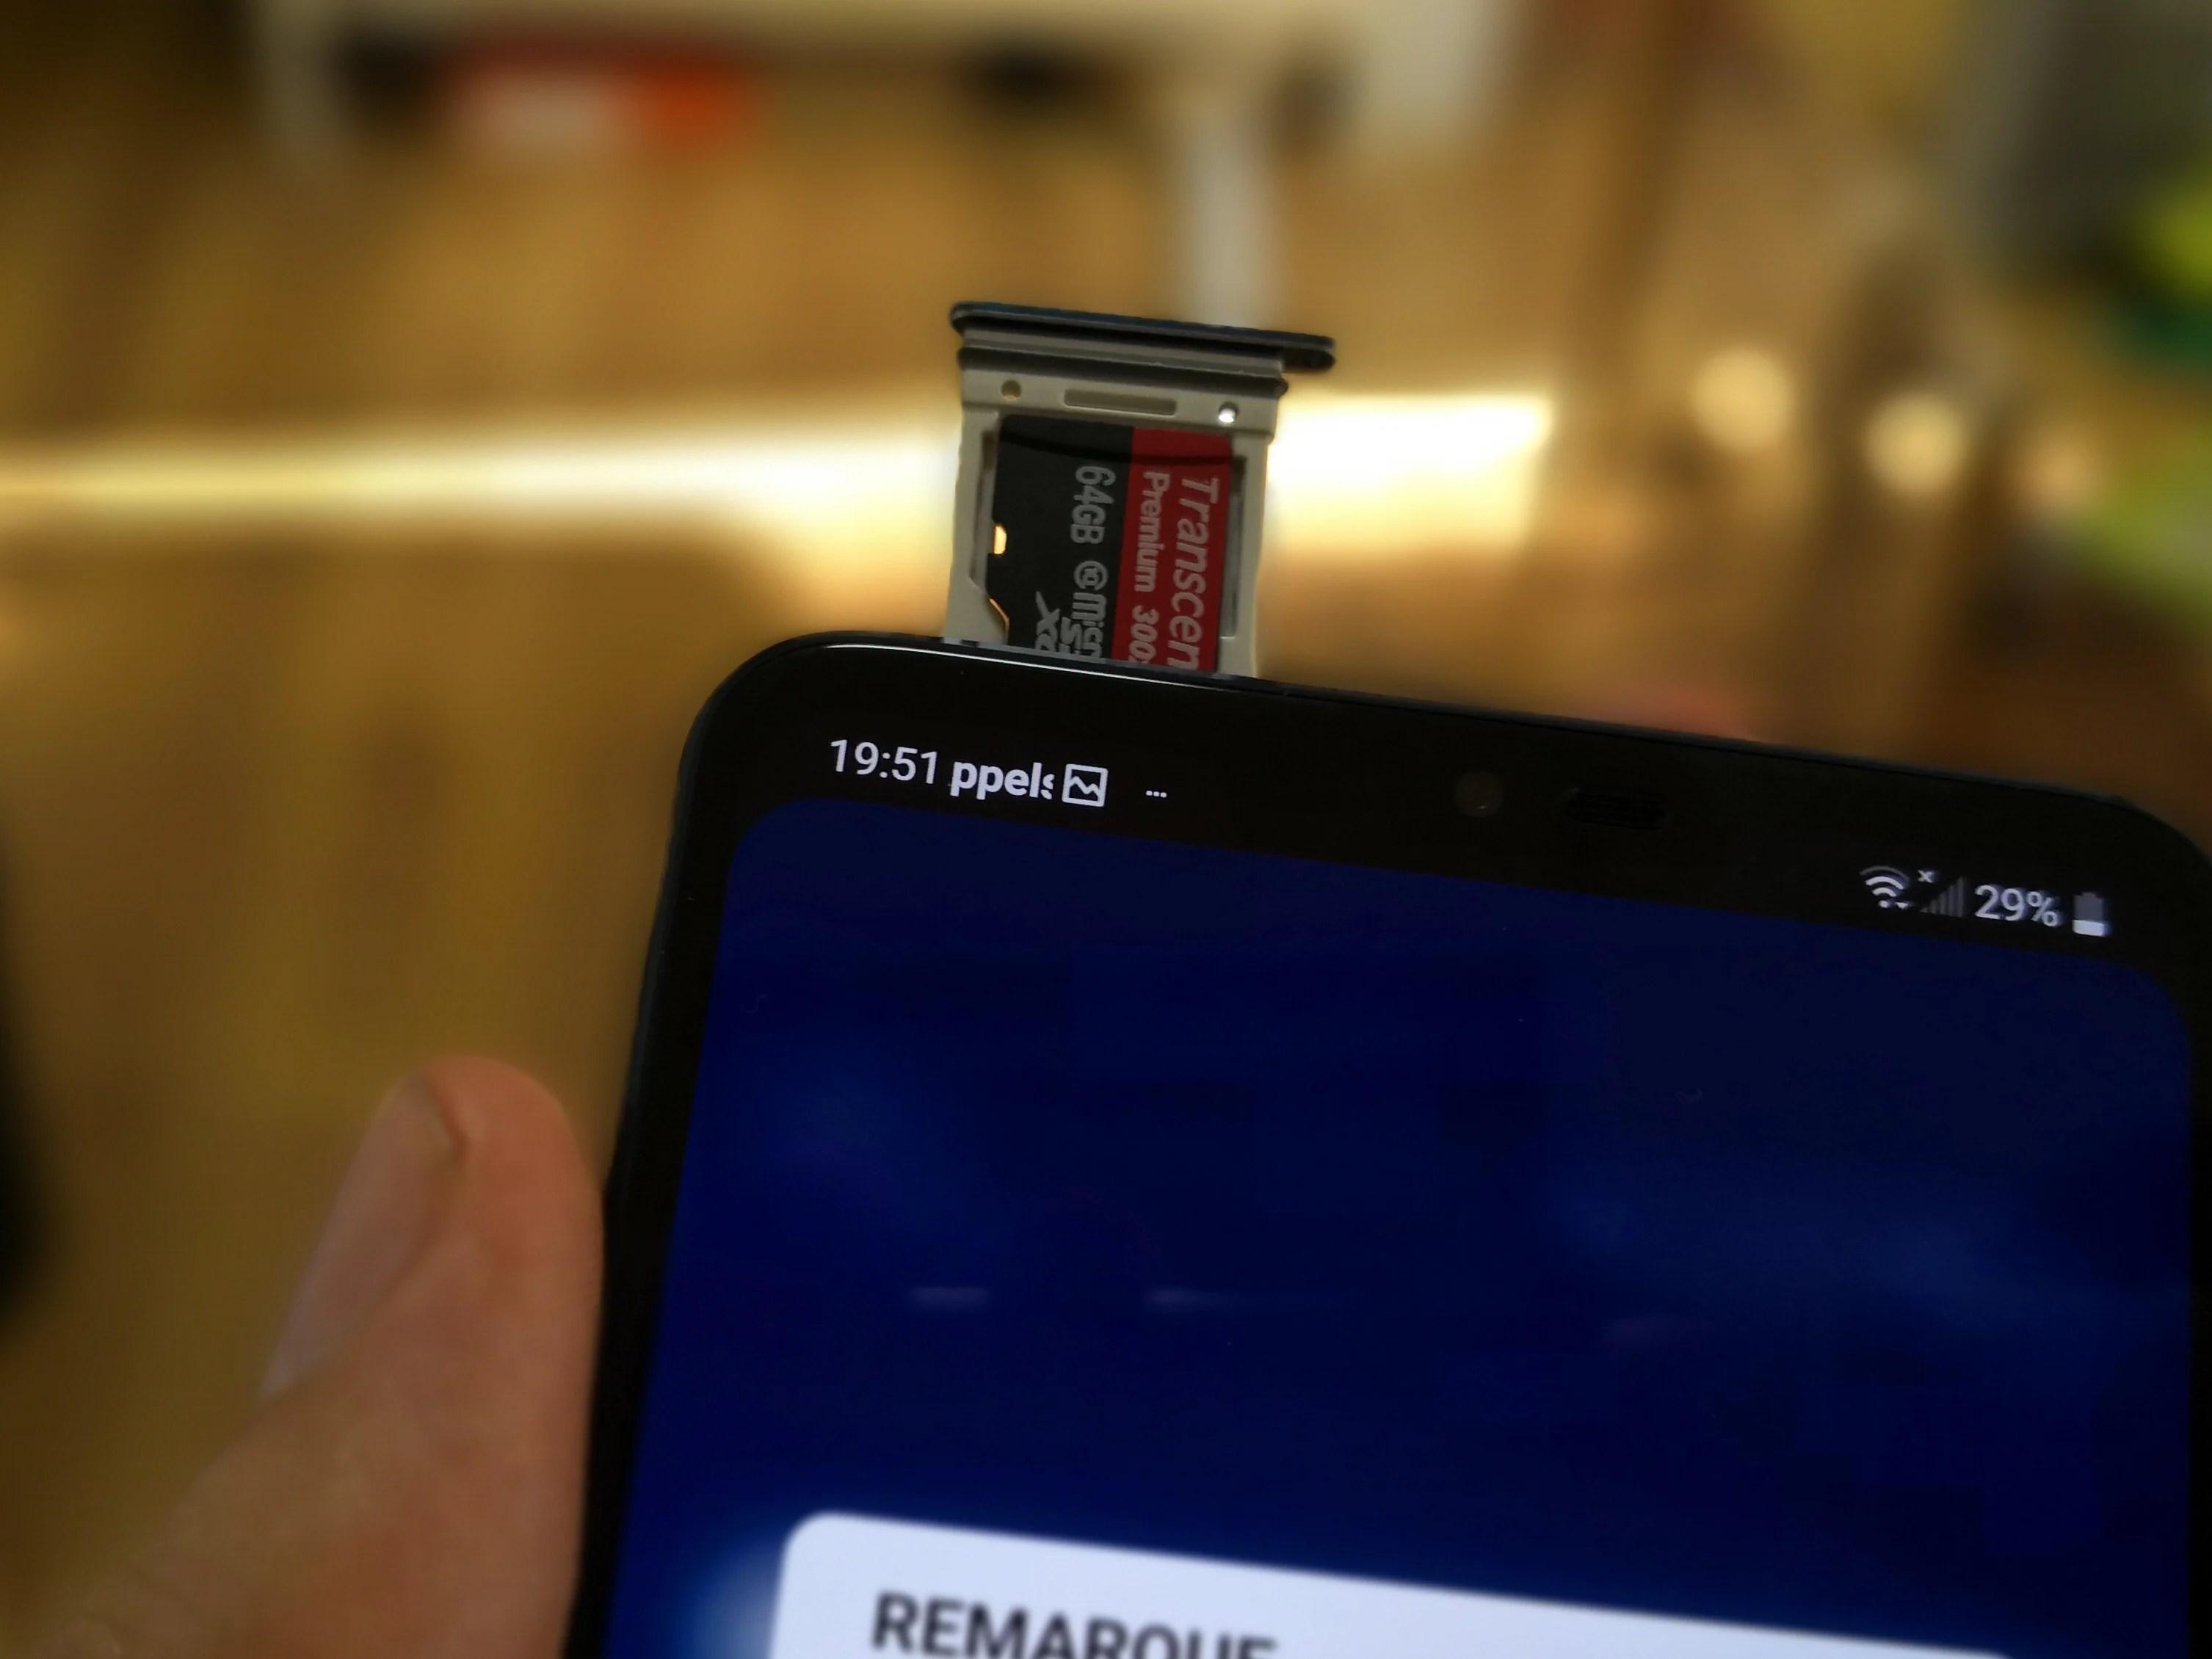 Sondage de la semaine : utilisez-vous une carte microSD dans votre smartphone ?